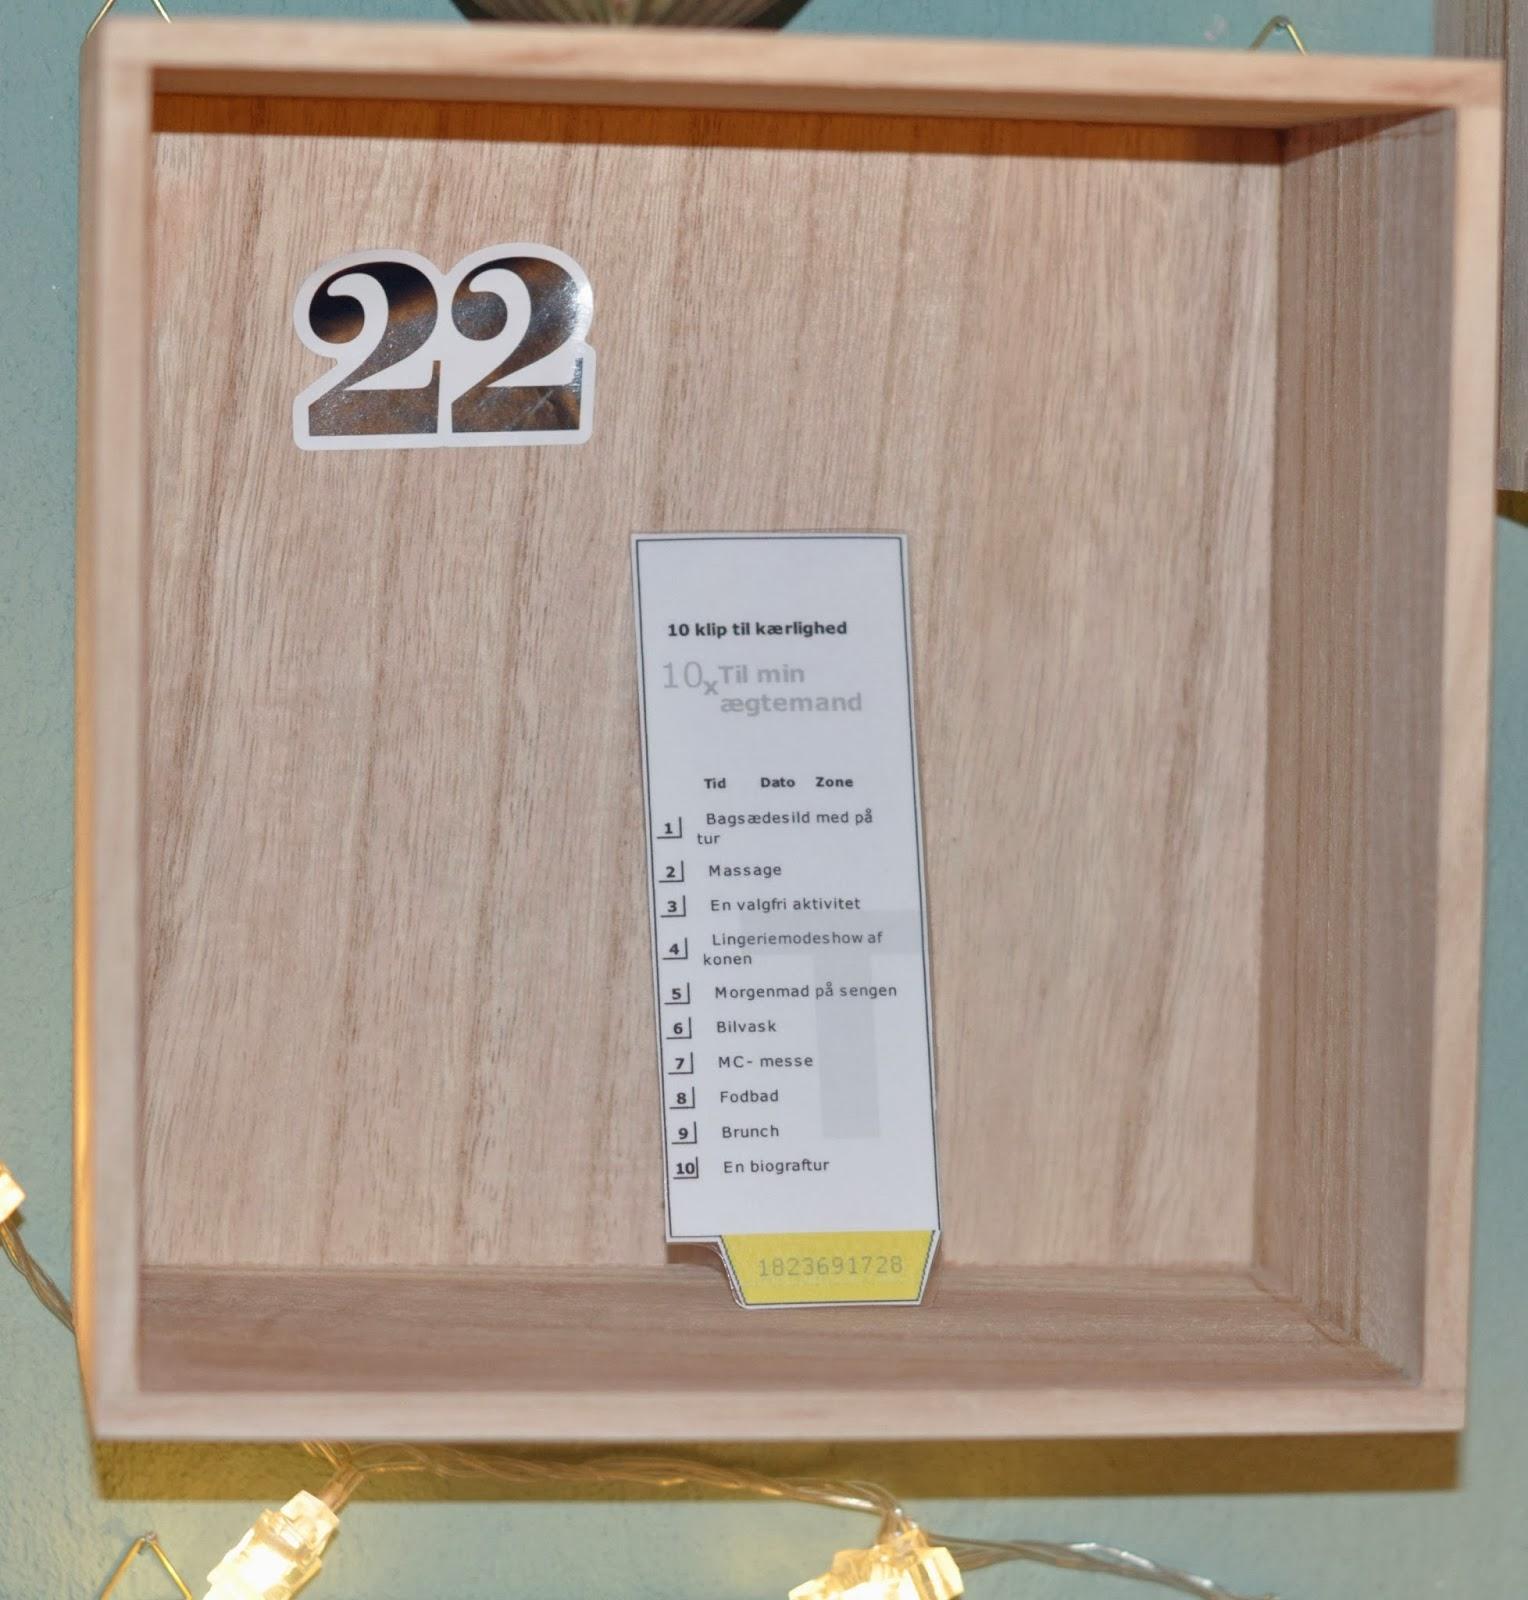 #74431D Dette års Kreativ Tankeknips: 22. December. Idé Til En Gør Det Selv Kvalitetsjulegave Gør Det Selv Tips Til Værelset 6201 152816006201